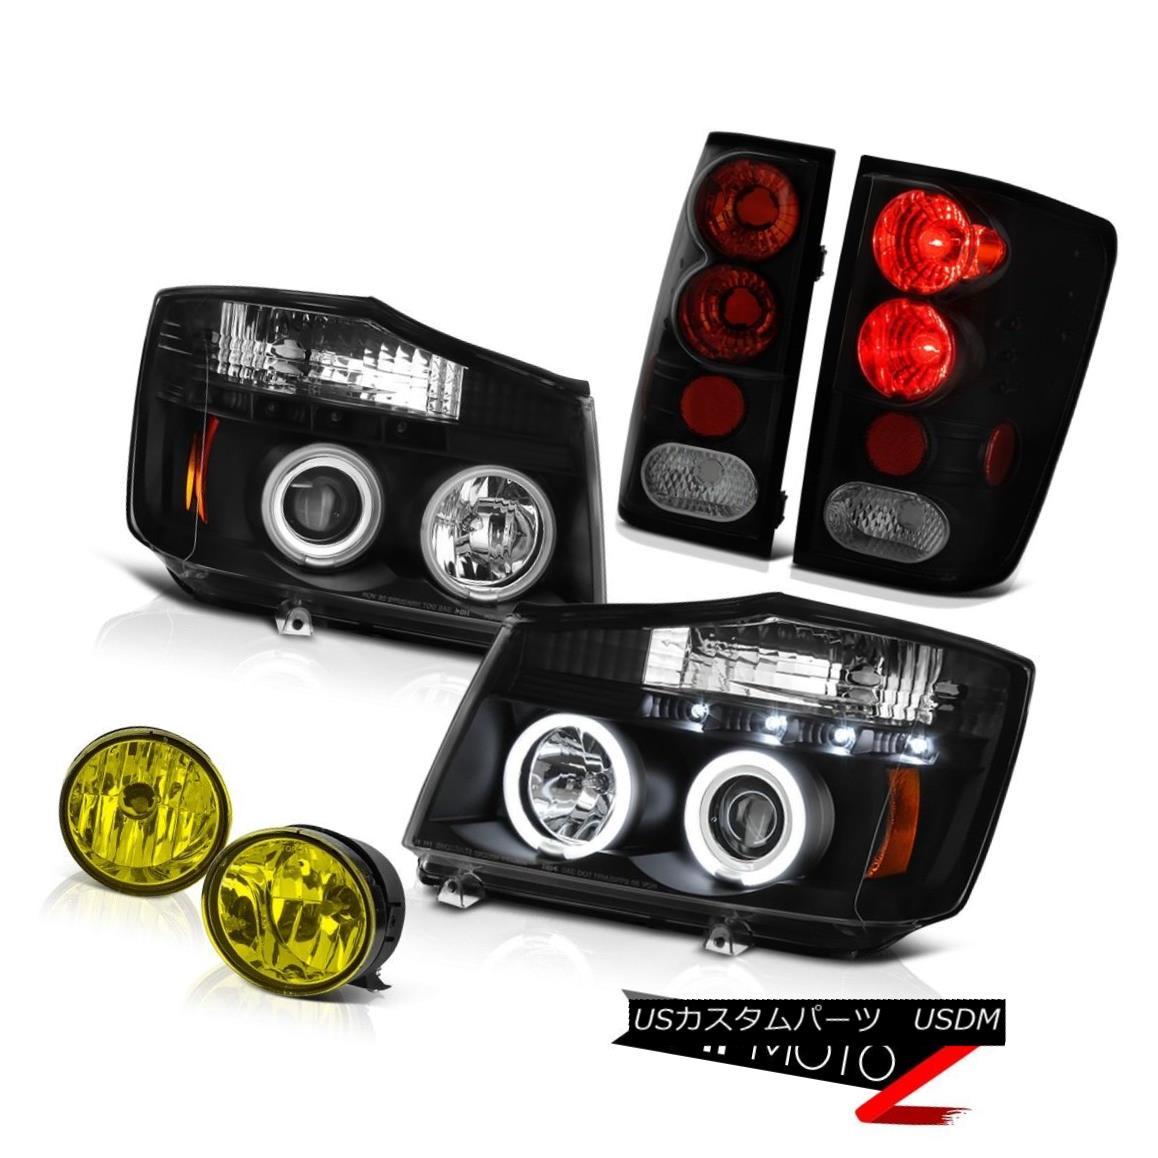 テールライト For 2004-2015 Titan XE Angel Eye Projector Headlights Reverse Tail Lights Fog 2004年?2015年Titan XE Angel Eyeプロジェクターヘッドライトリバーステールライトフォグ